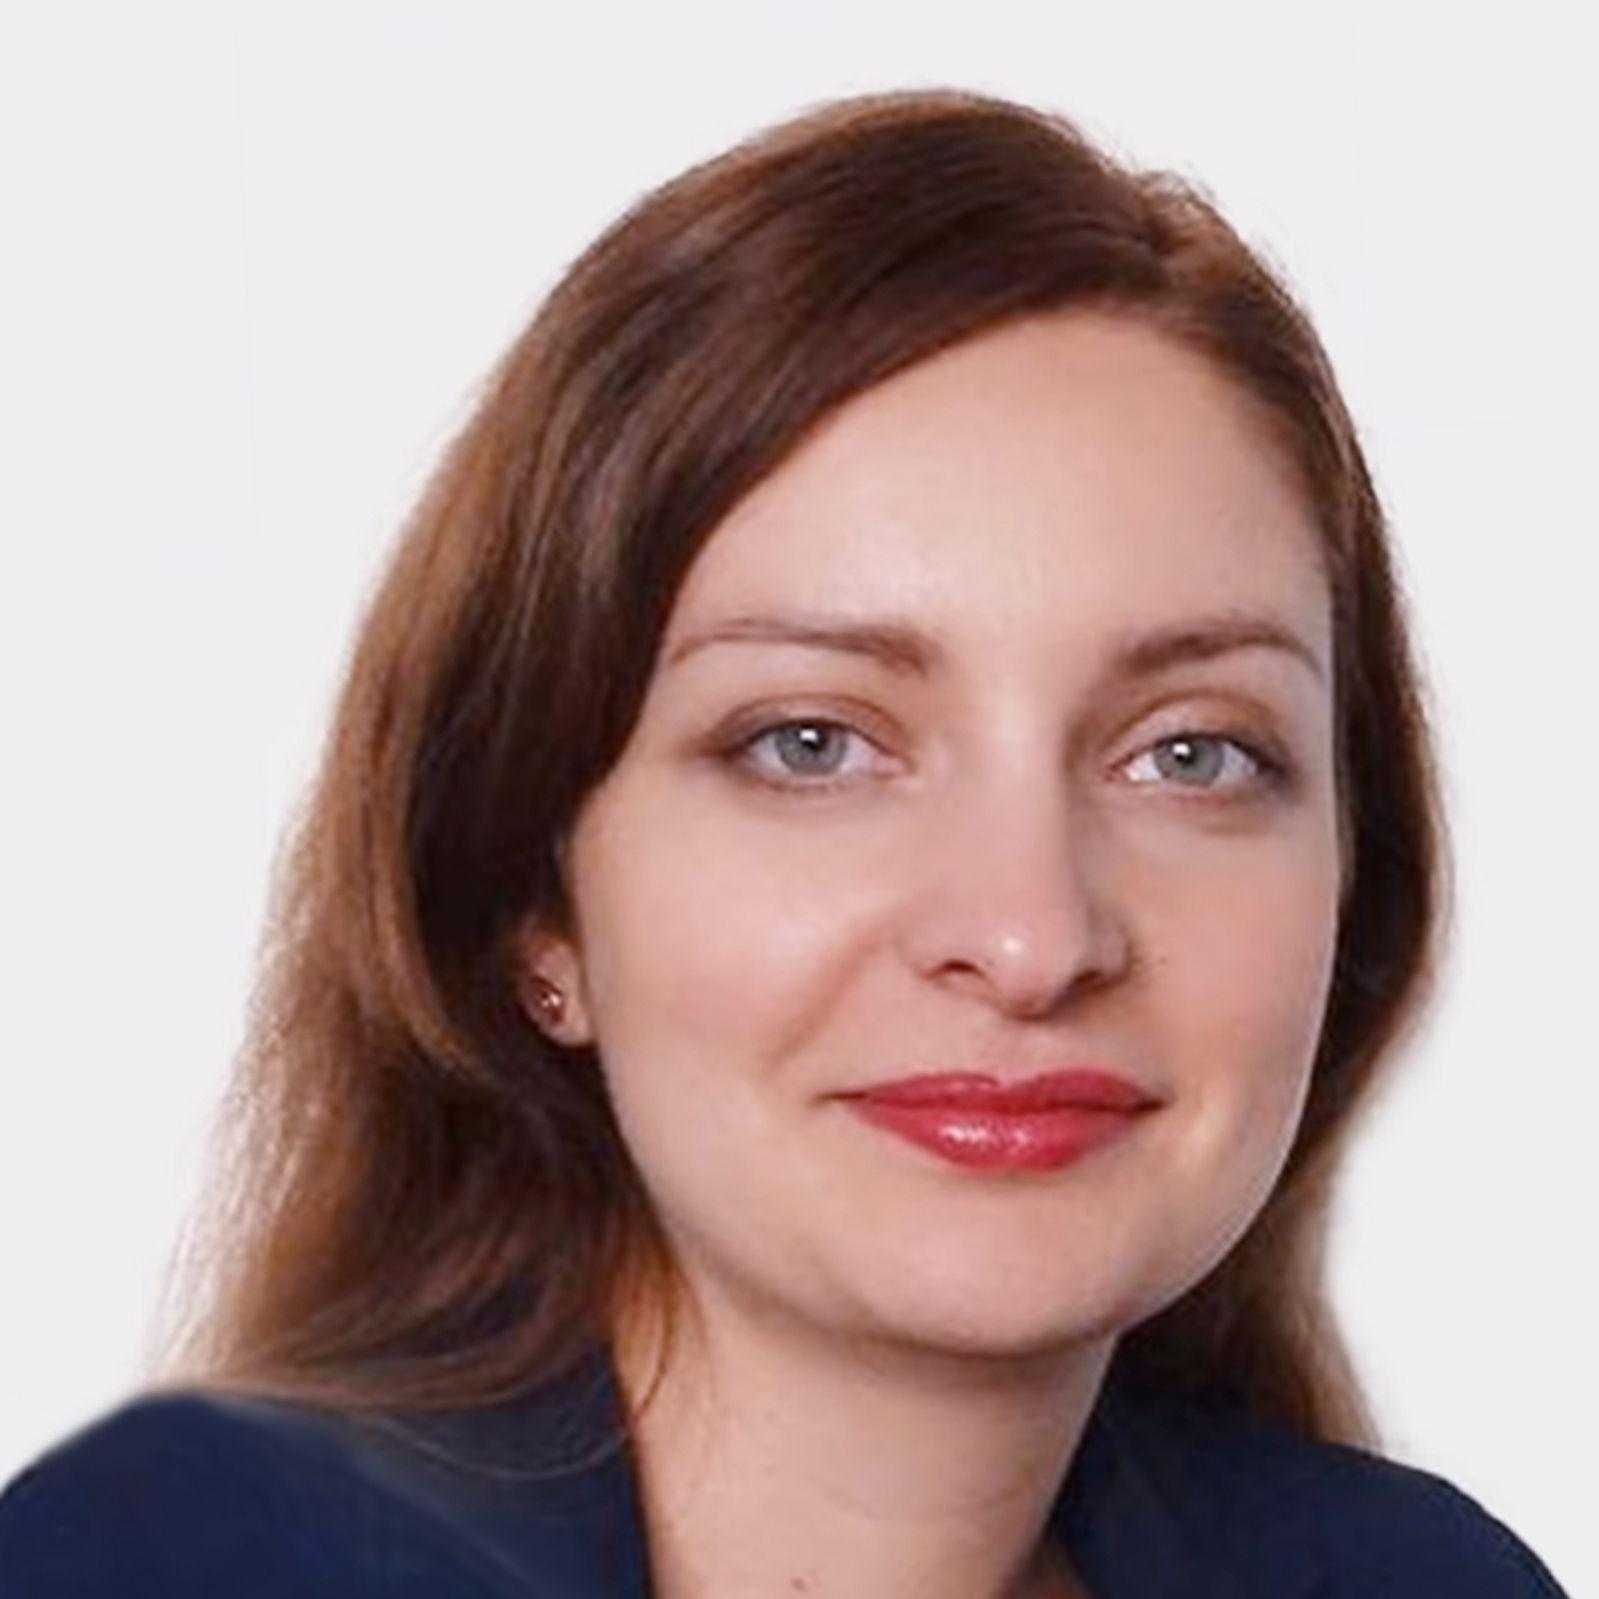 Lęk i jego współczesne manifestacje - dr Karolina Zalewska-Łunkiewicz